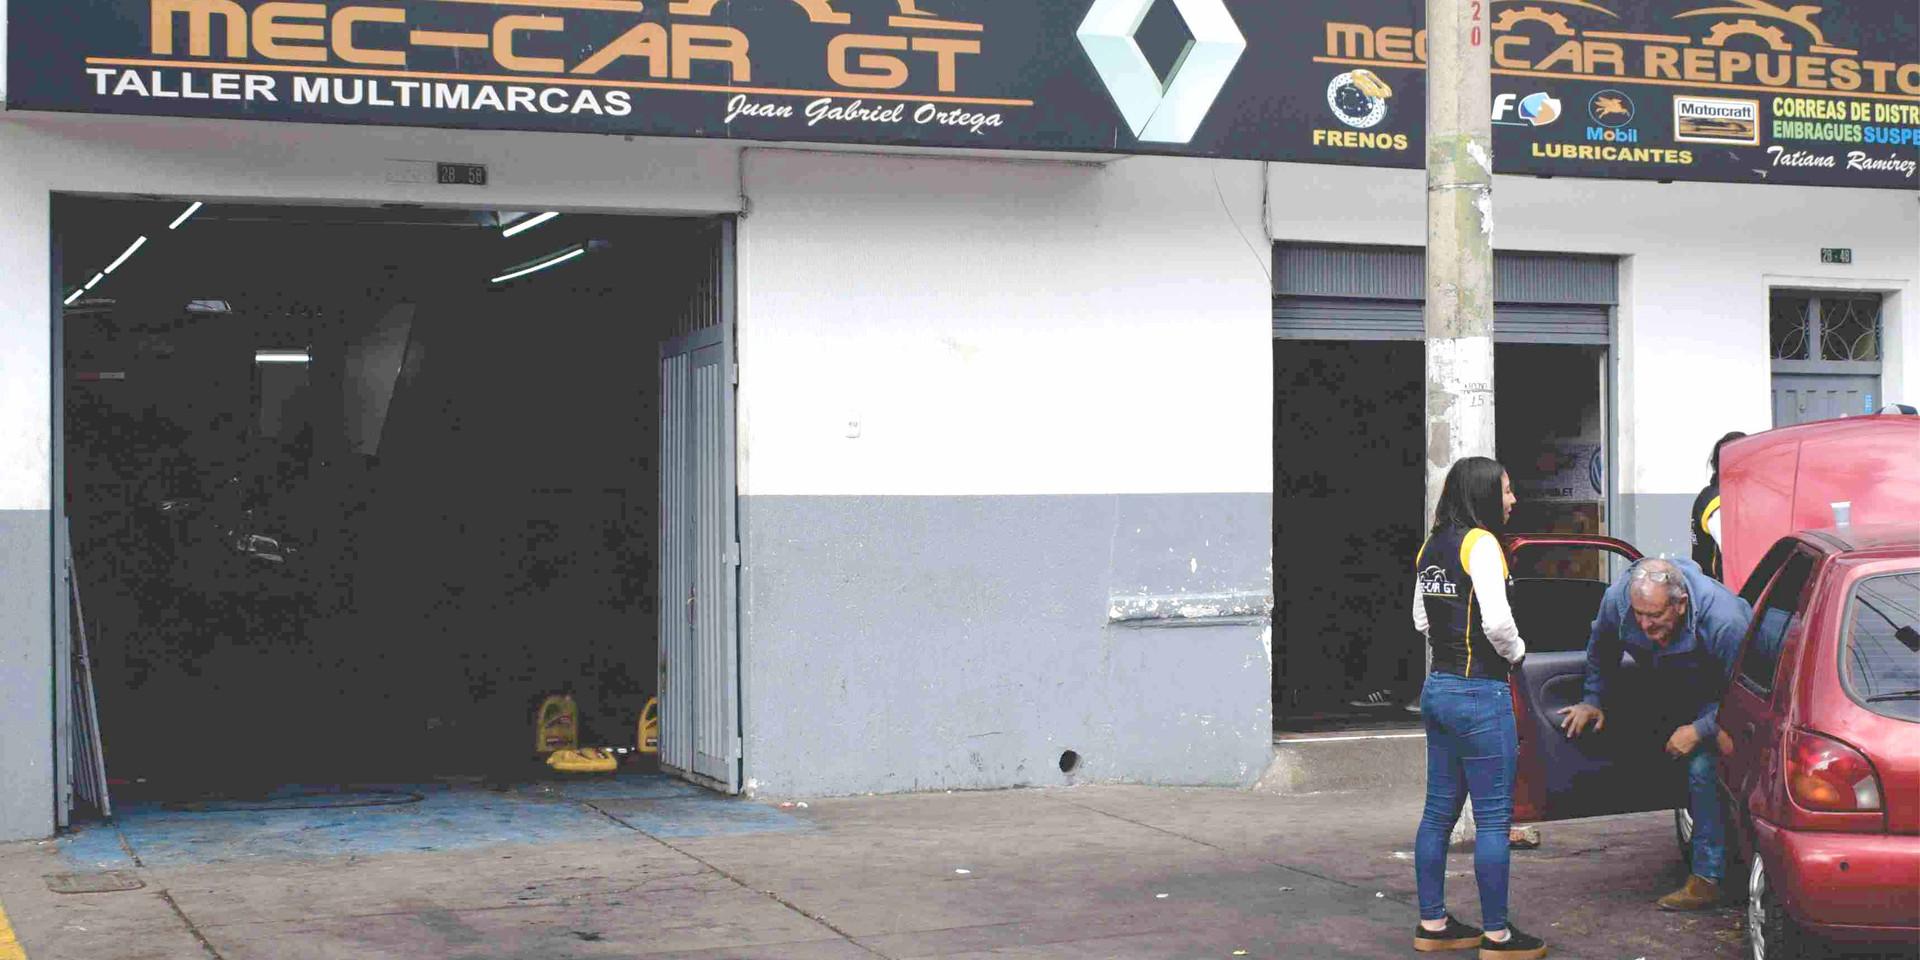 MEC-CAR-GT.jpg